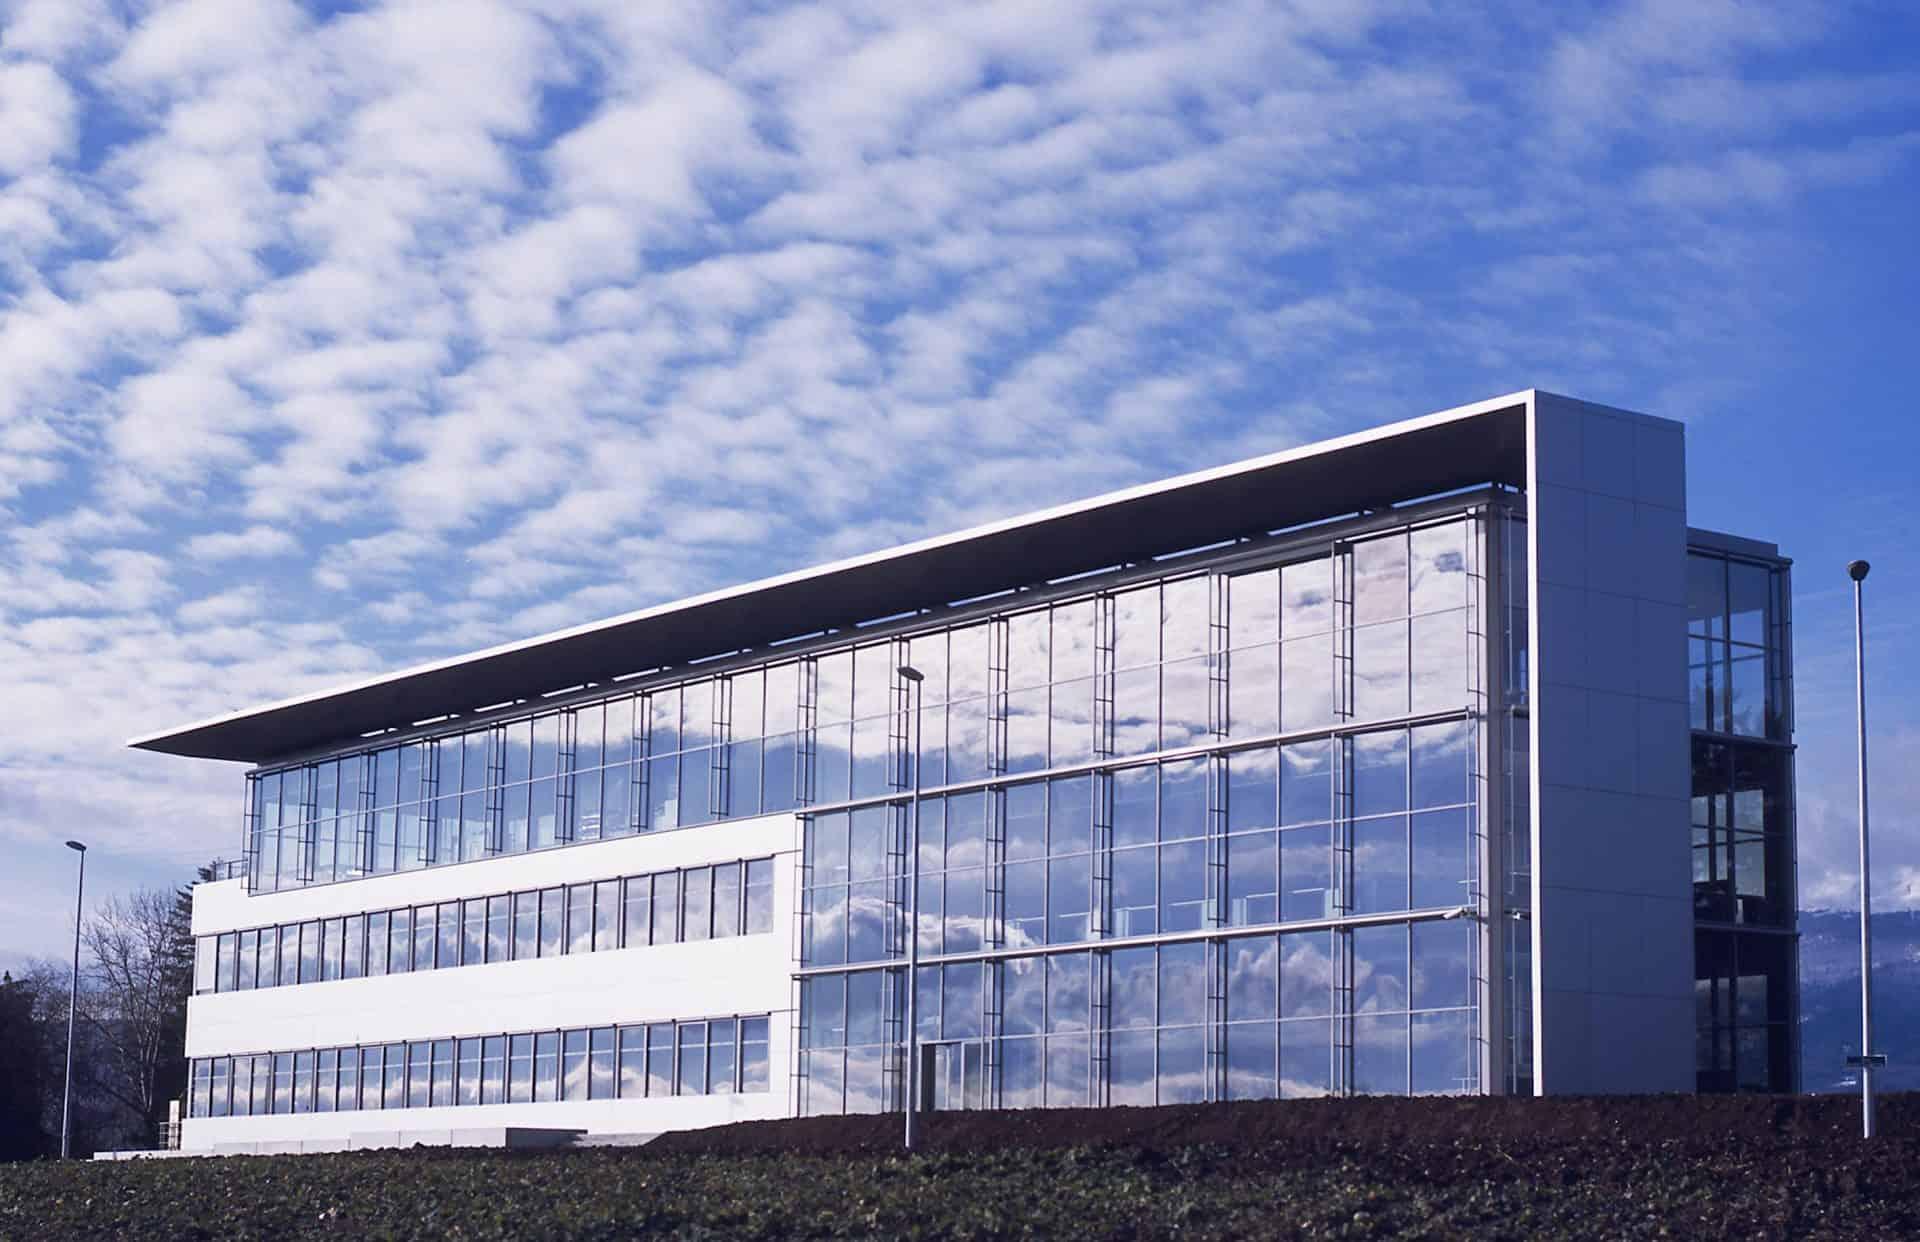 Manufakturgebäude von Roger Dubuis in Genf Meyrin